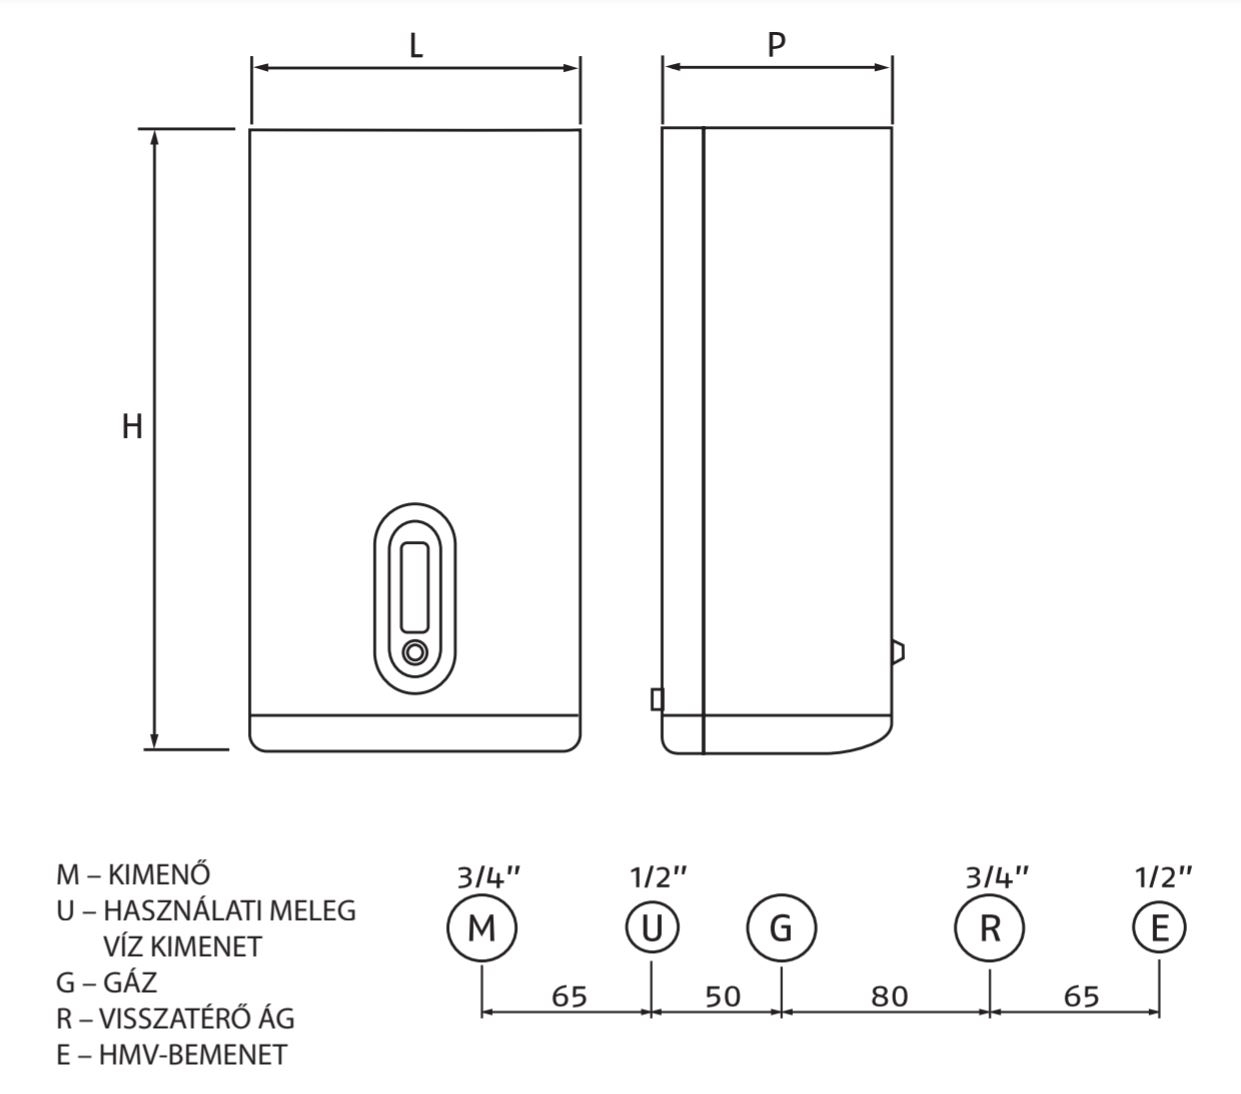 Riello Family Condens 3.5 IS E MTN Fali kondenzációs fűtő gázkazán 34 kW műszaki ábra